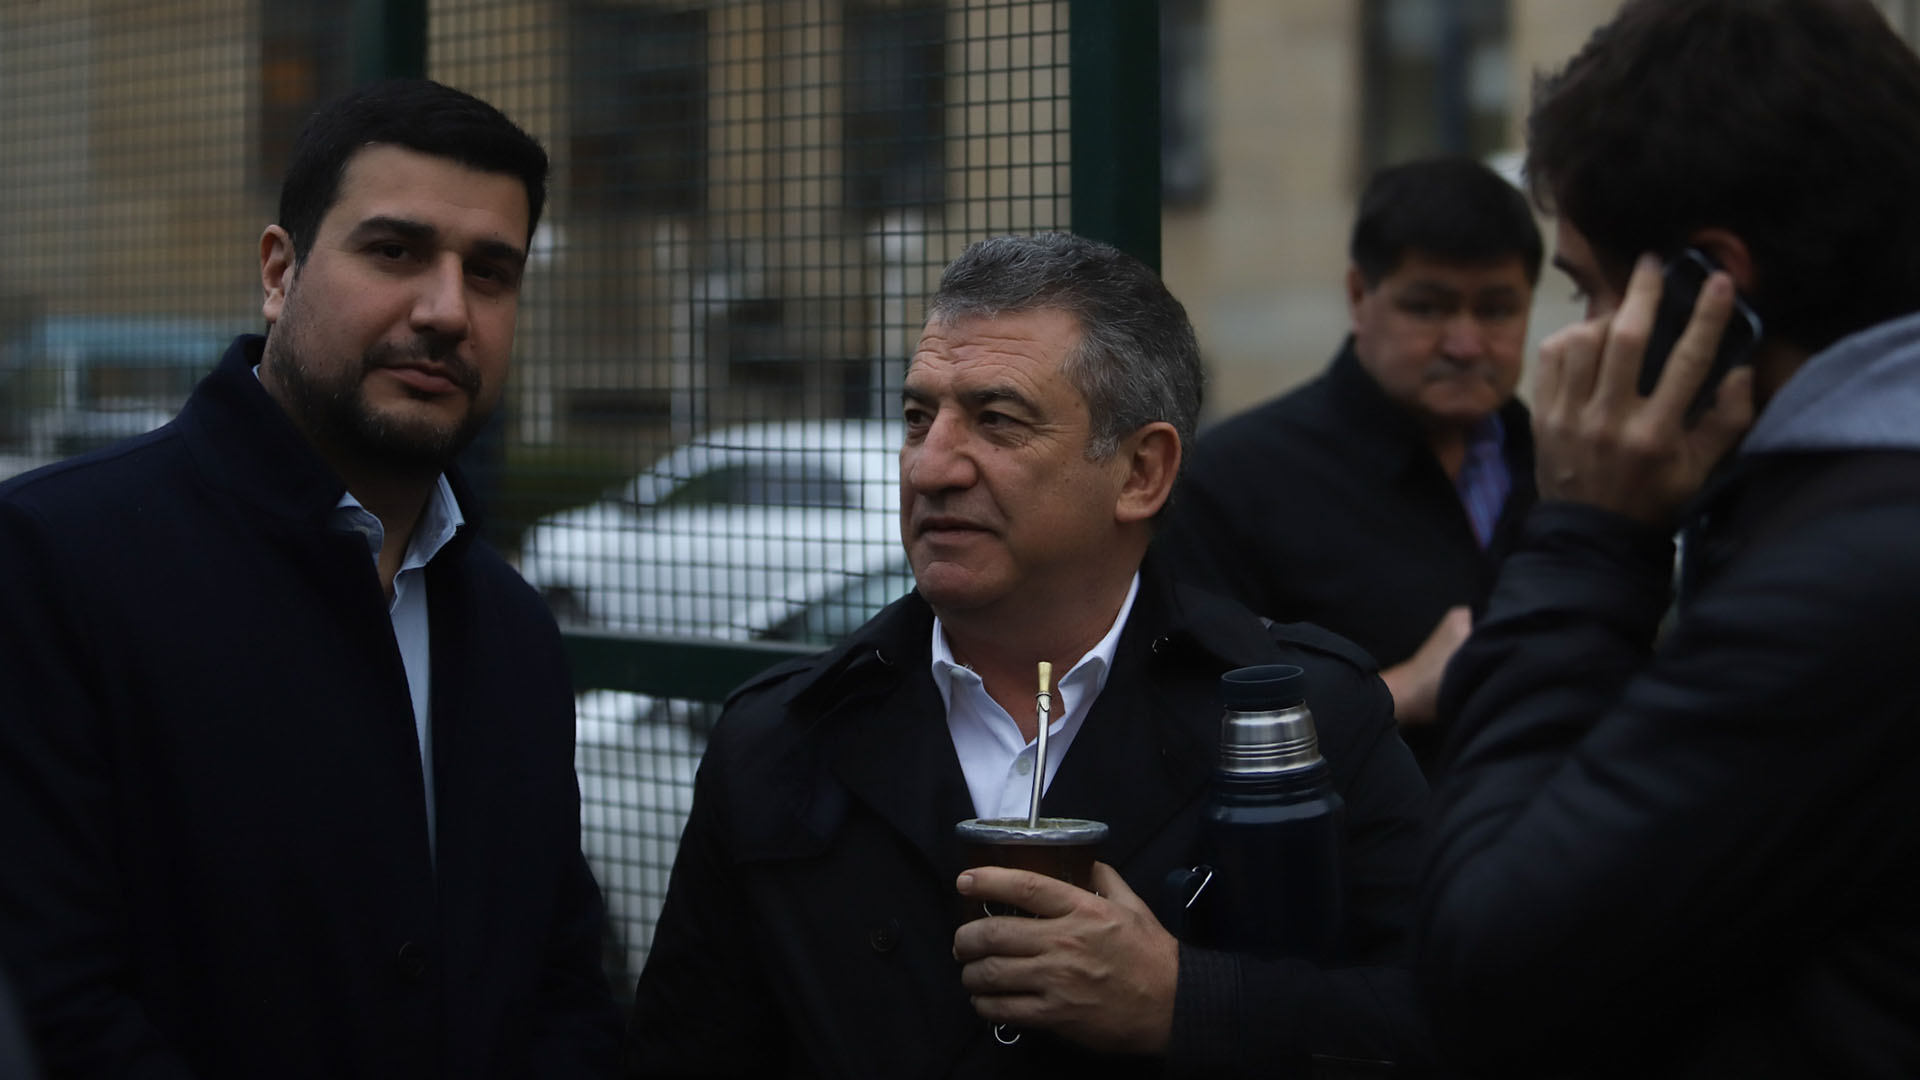 El diputado nacional Marcos Cleri y el ex gobernador Sergio Urribarri